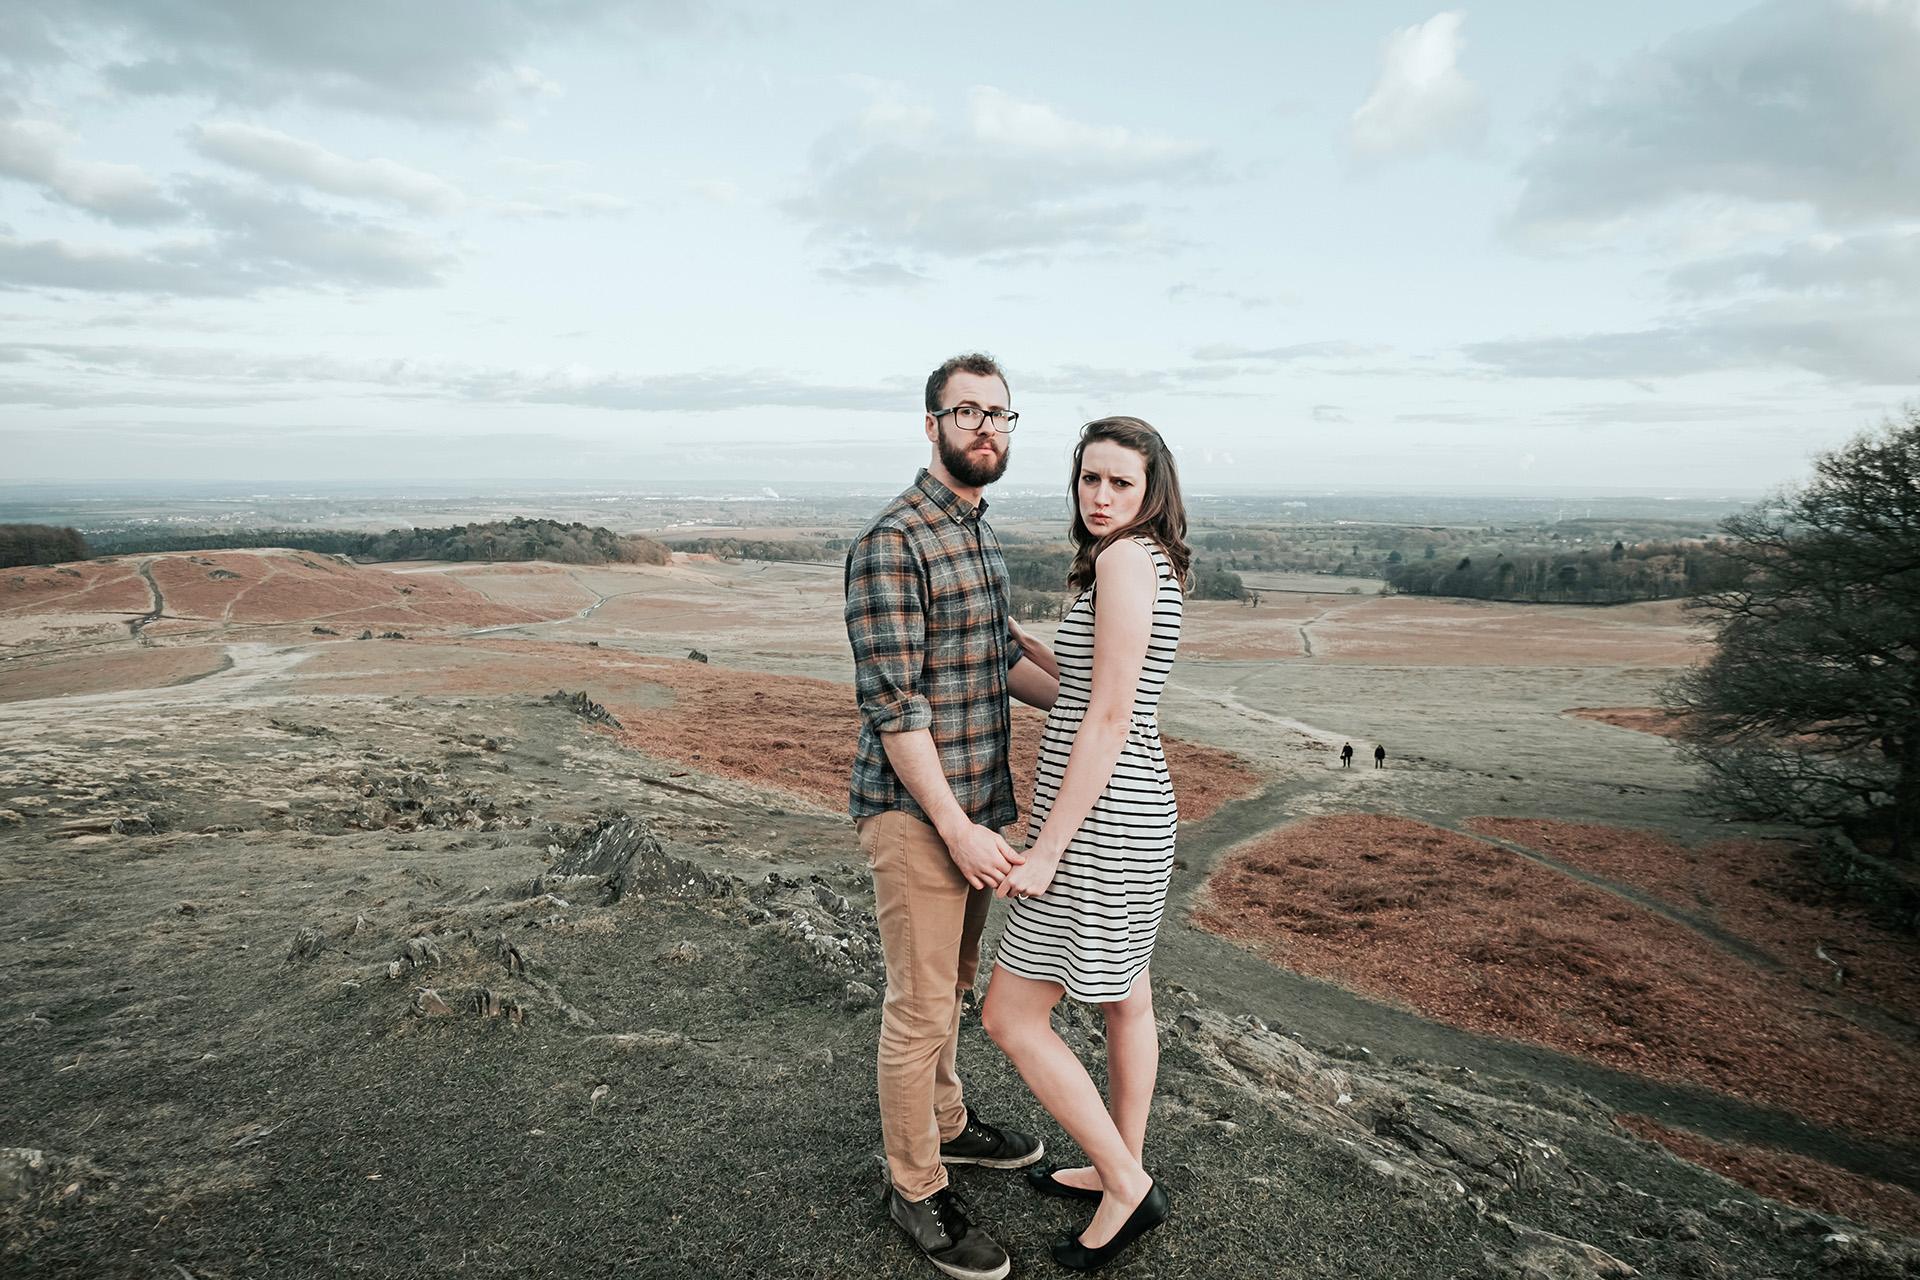 Couples Portraits 21 - Couples Portrait Shoots